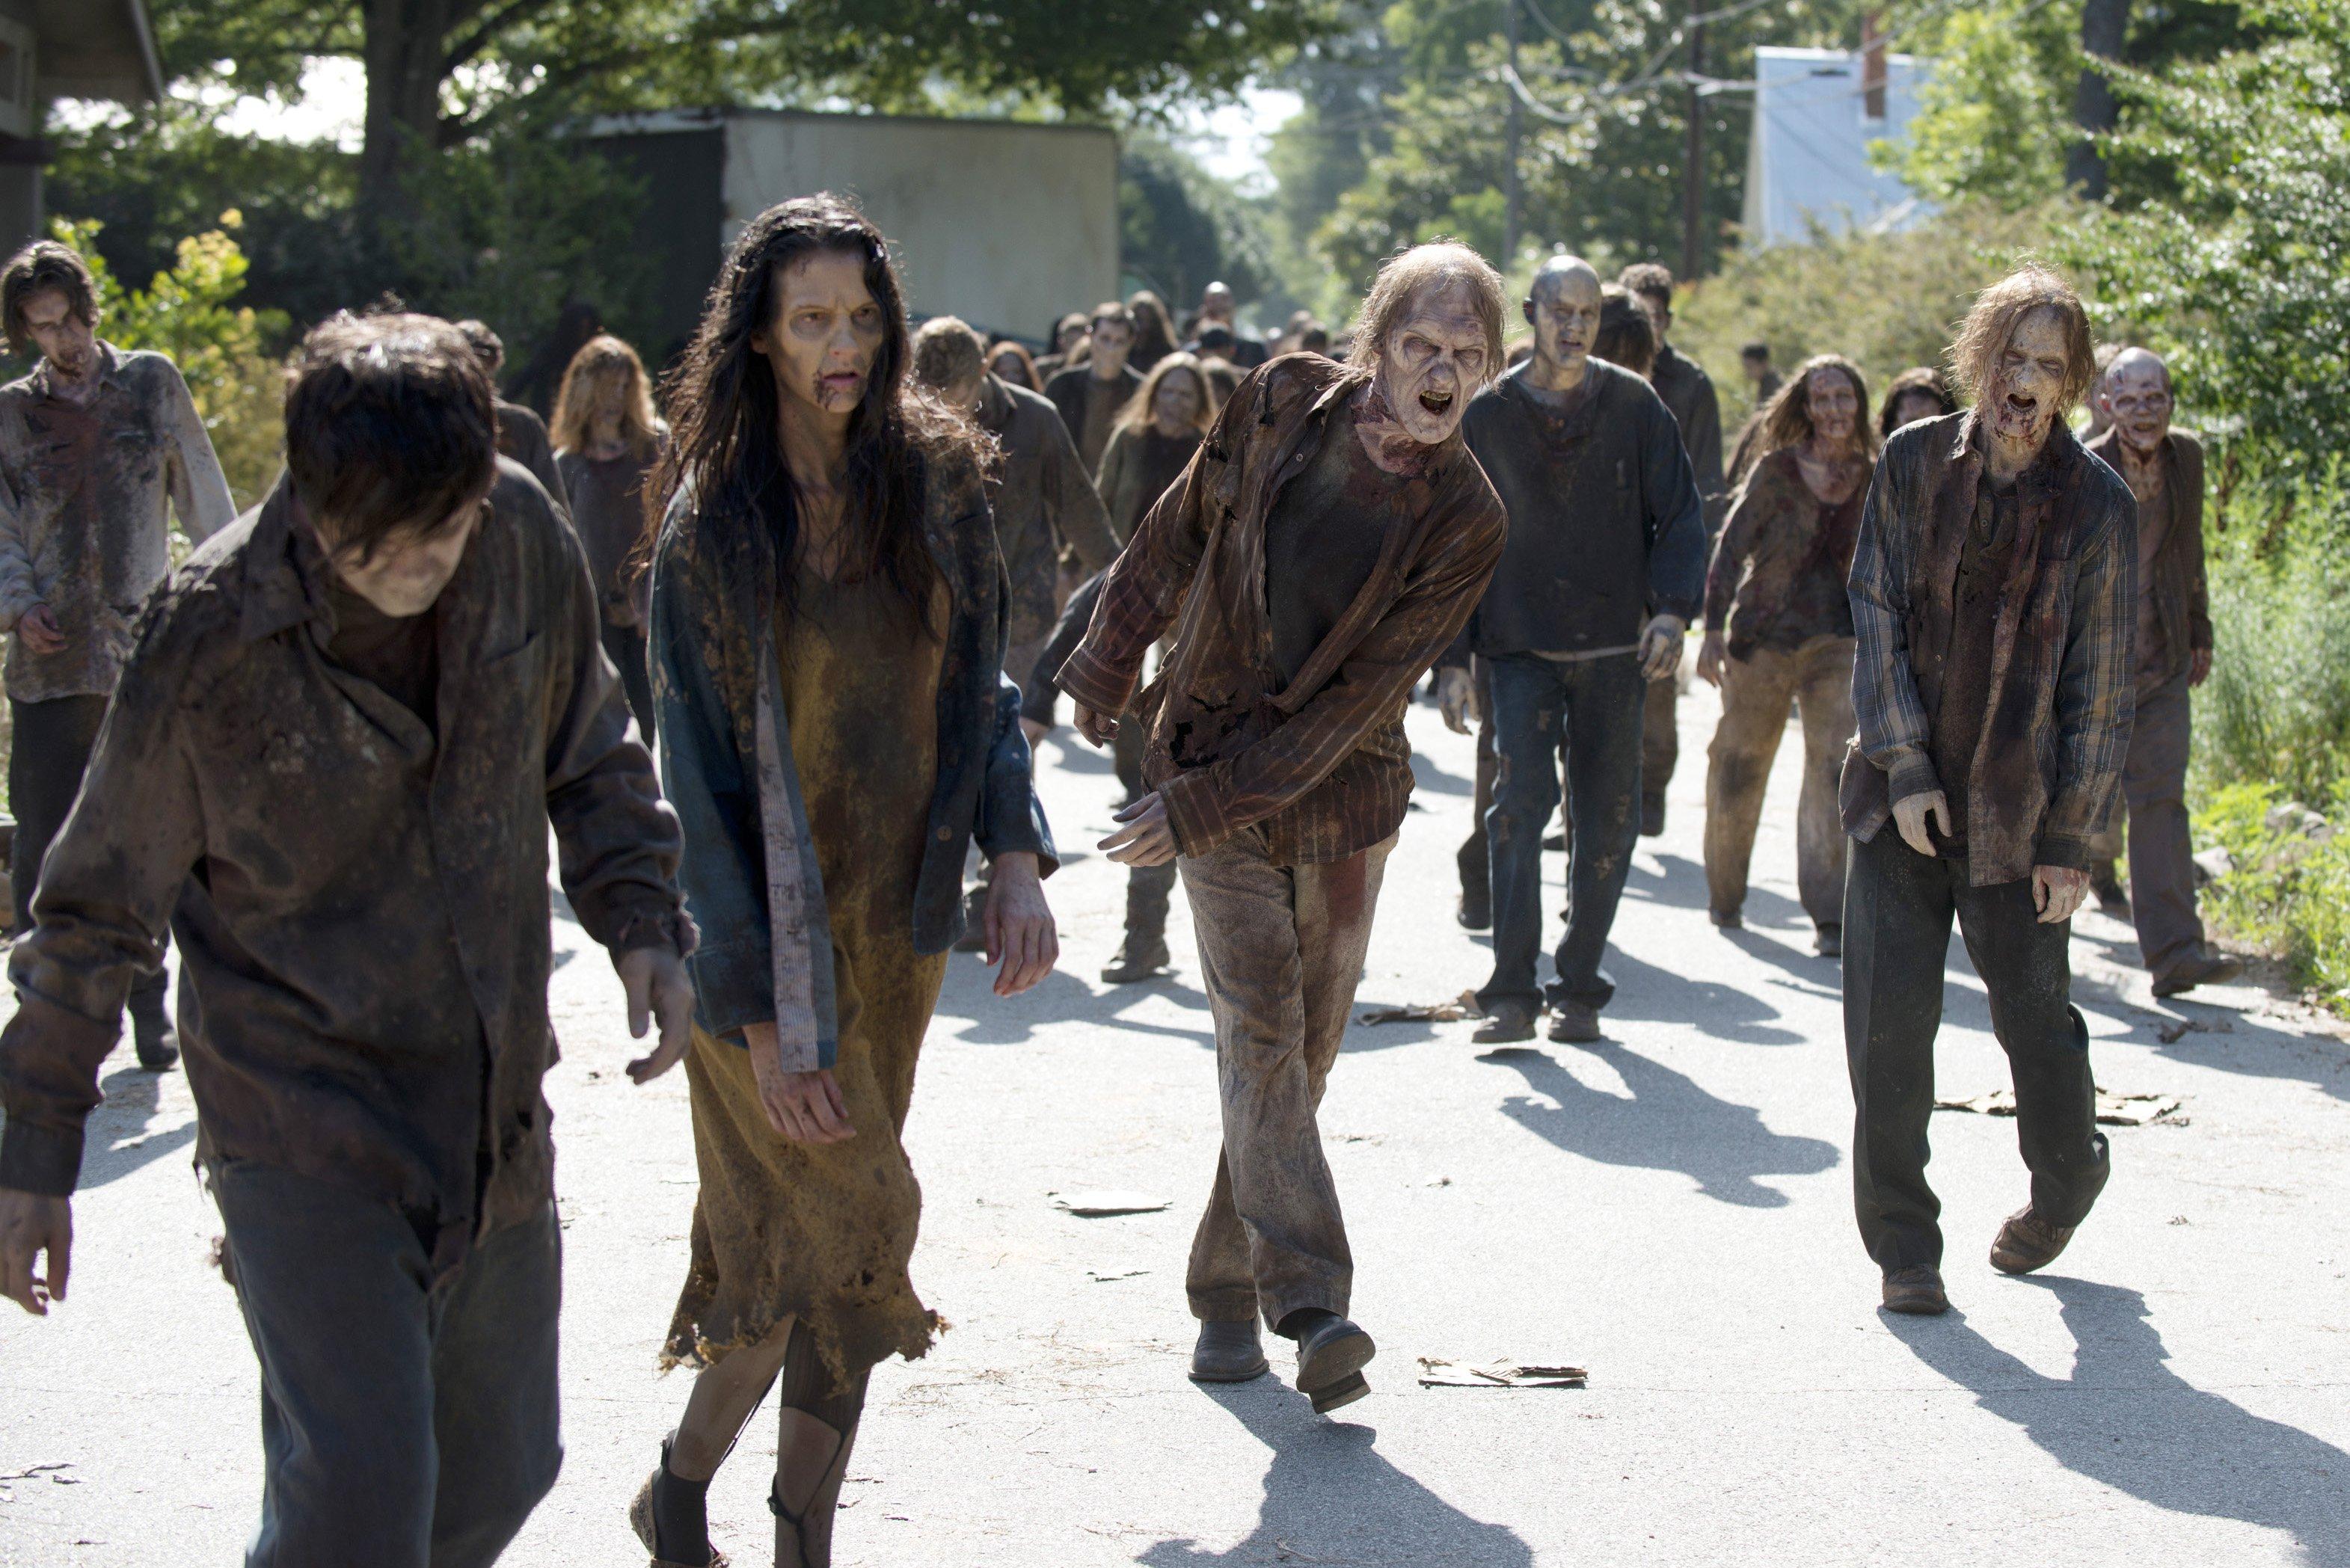 Atak W Nowej Zelandii Film Gallery: Zombie Apokalipsa W Lake Worth Na Florydzie